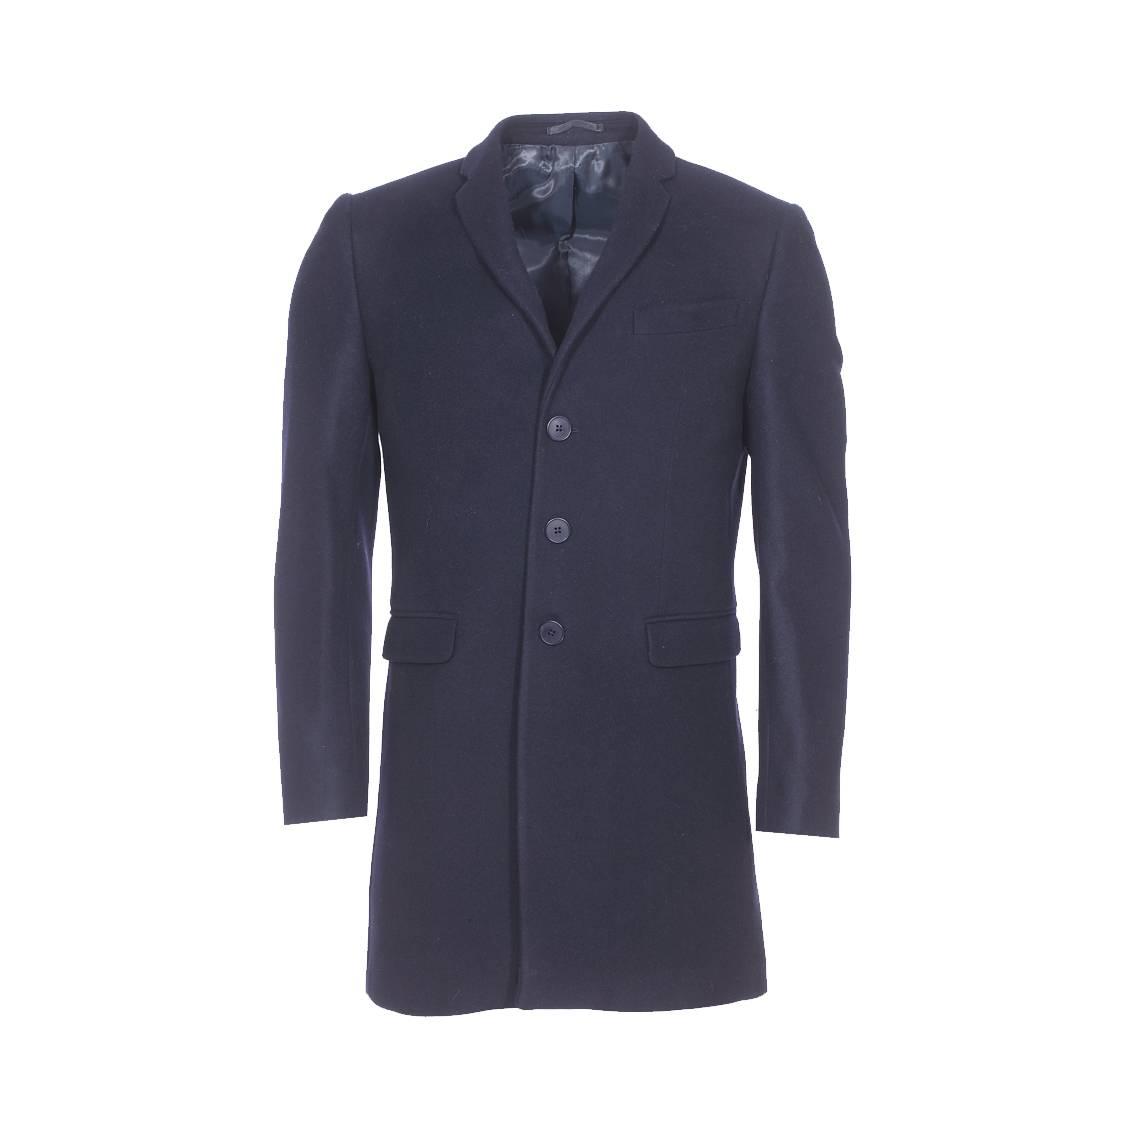 manteau gianni ferrucci en laine et cachemire bleu marine rue des hommes. Black Bedroom Furniture Sets. Home Design Ideas